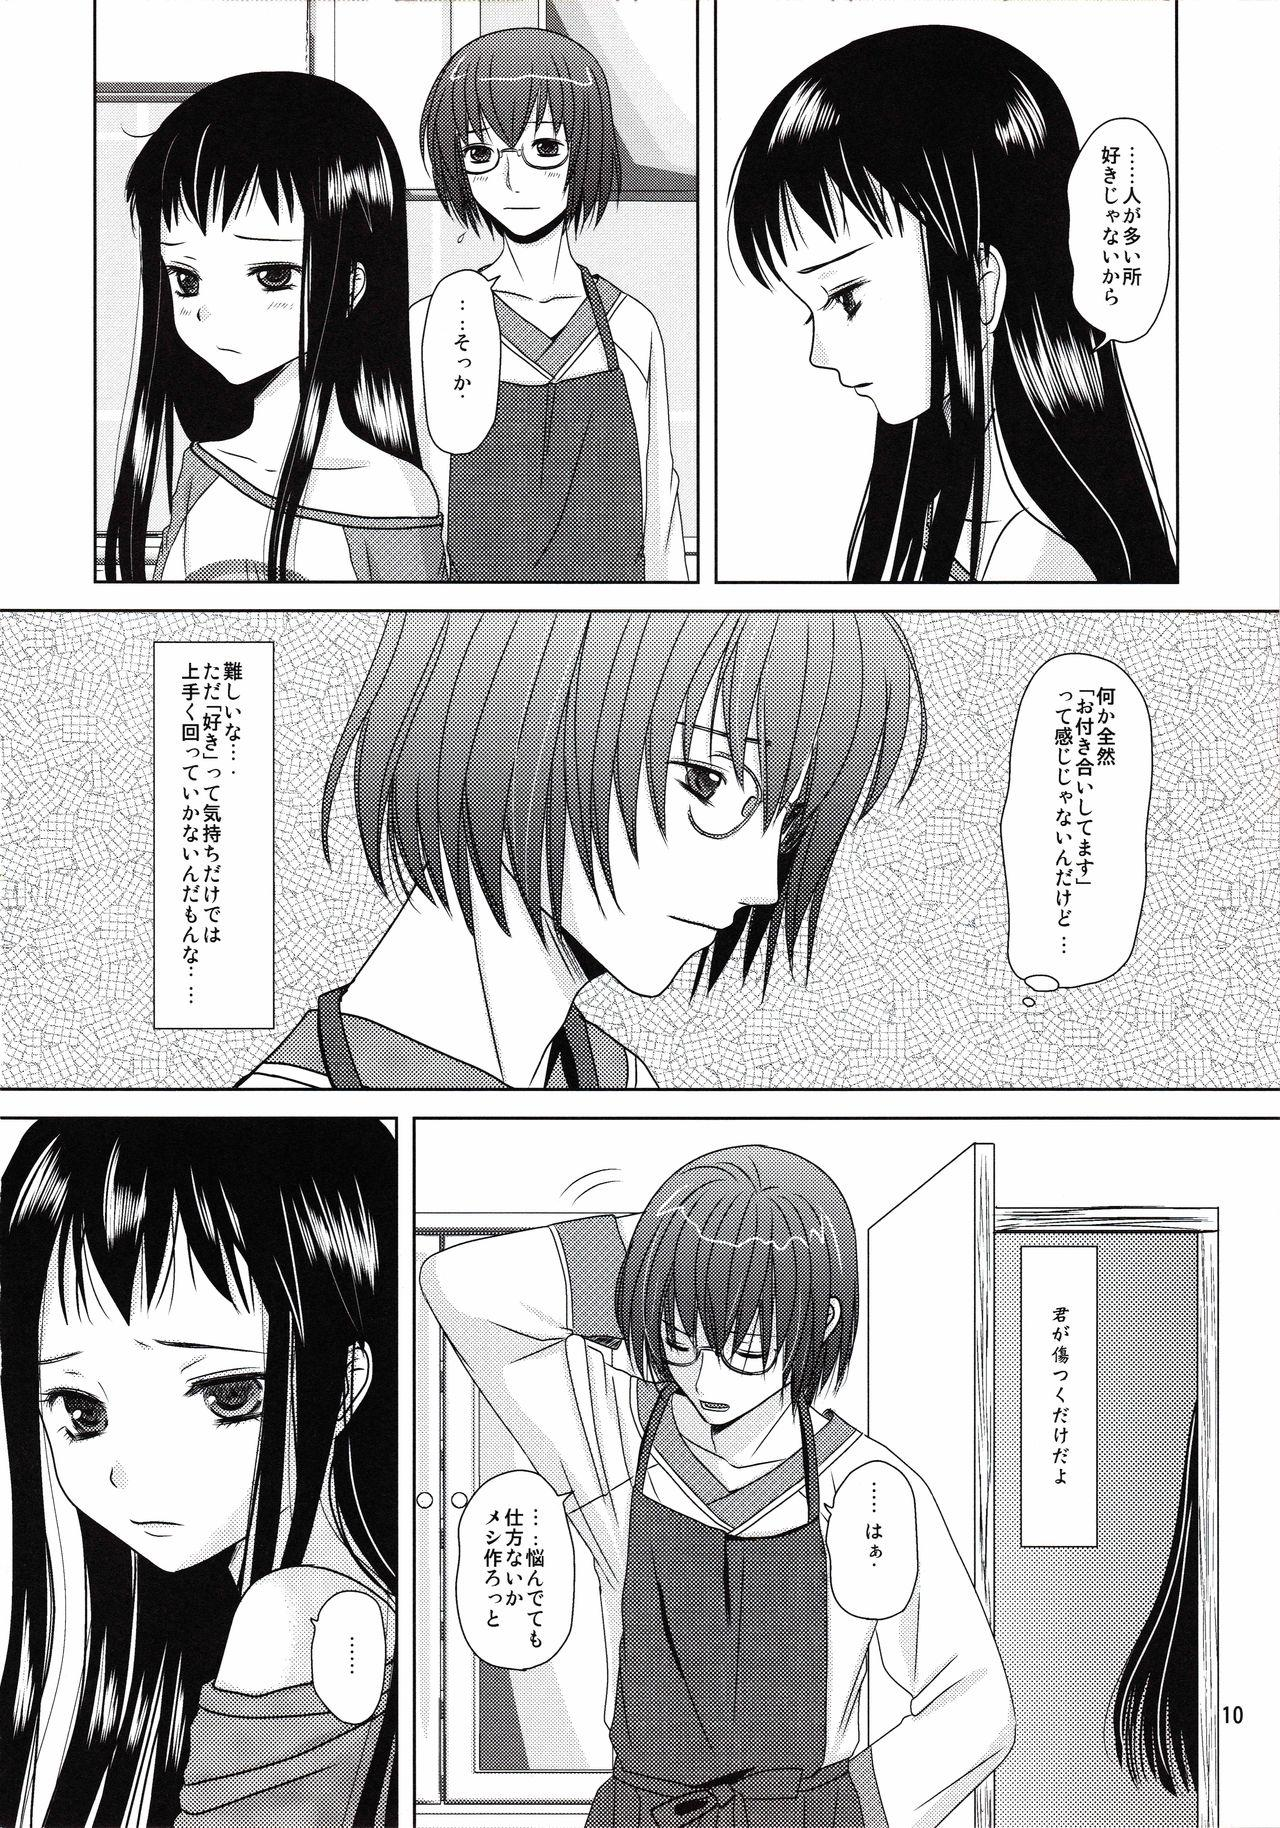 suna no sakazukihai 8